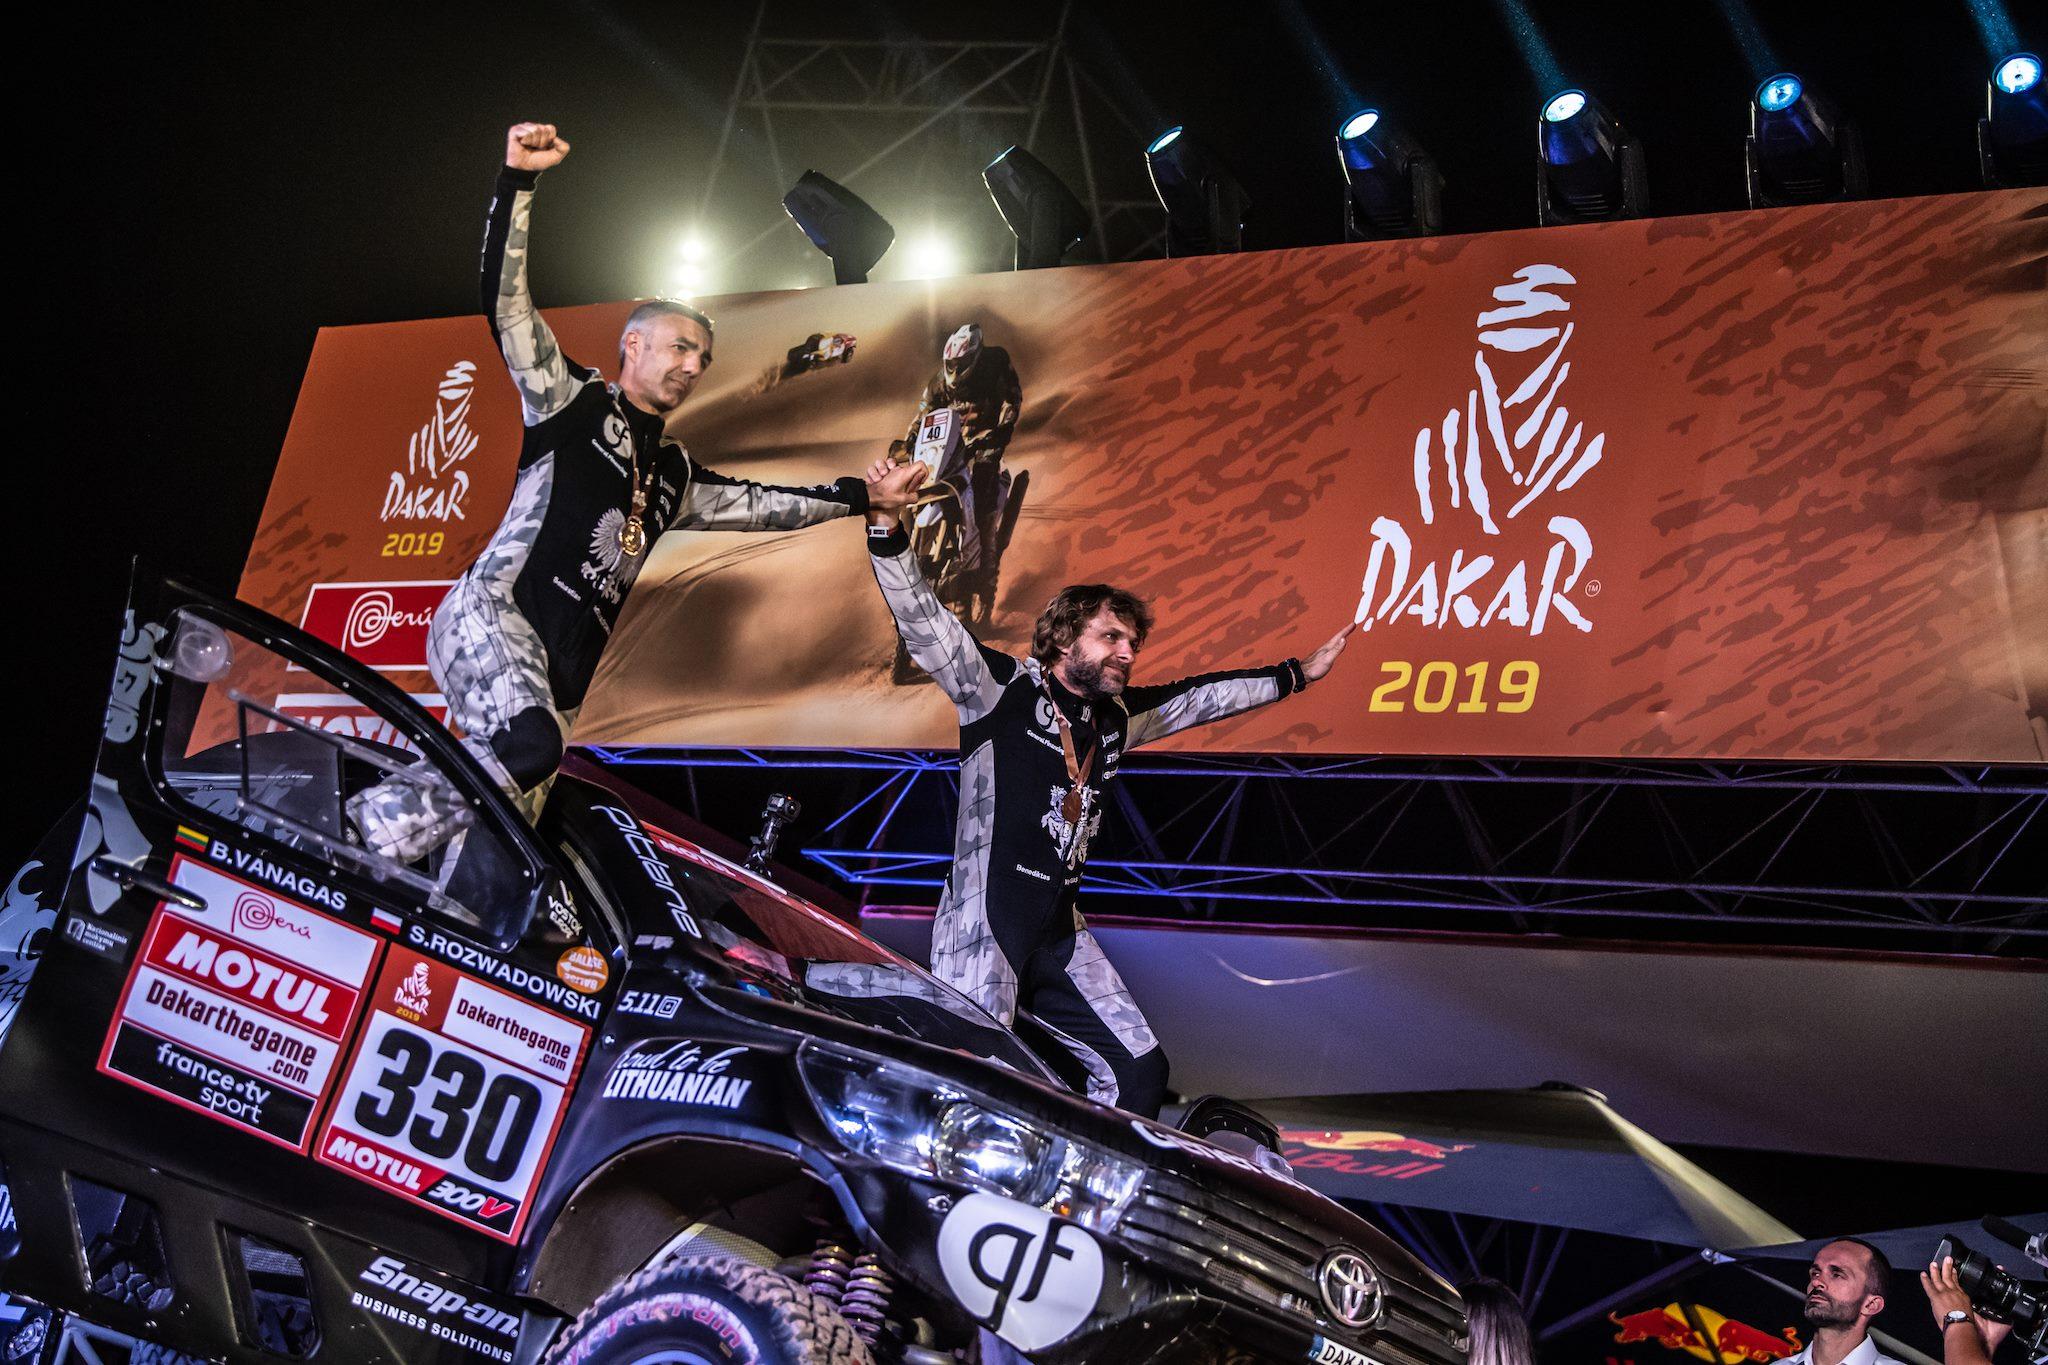 2020 metų Dakaras: kur jis vyks ir kodėl jis bus palankus lietuviams?